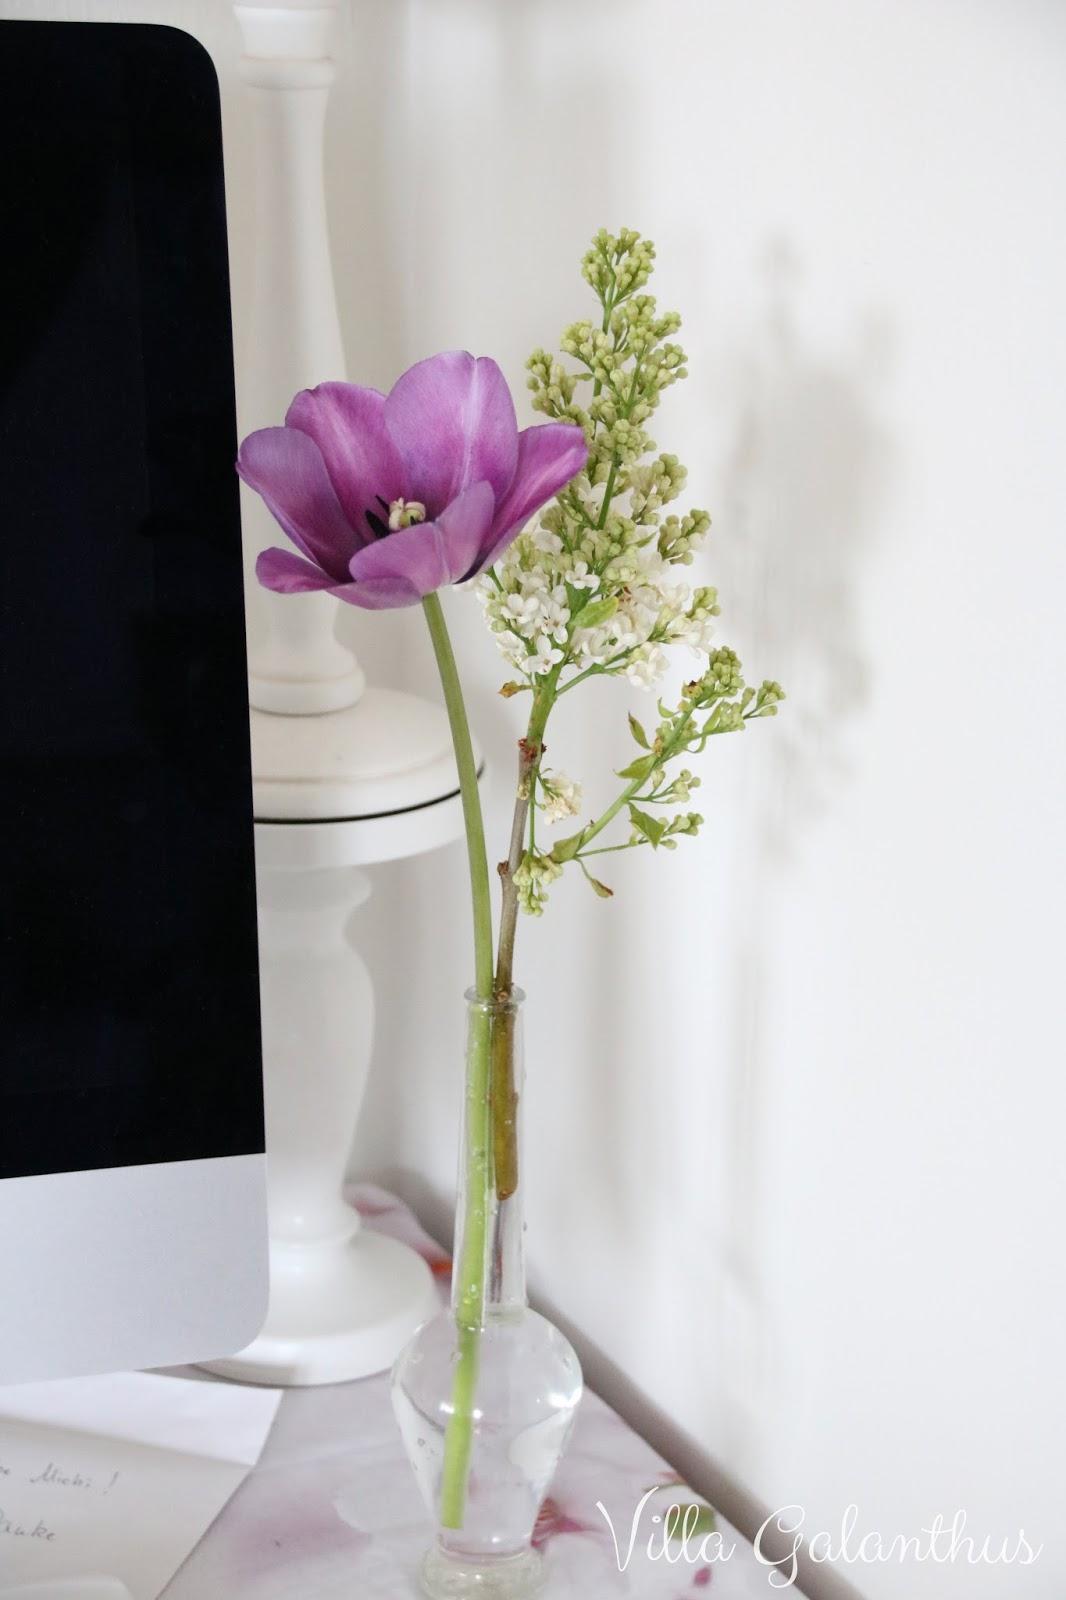 friday fliederzeit in der neuen arbeitsecke villa galanthus. Black Bedroom Furniture Sets. Home Design Ideas